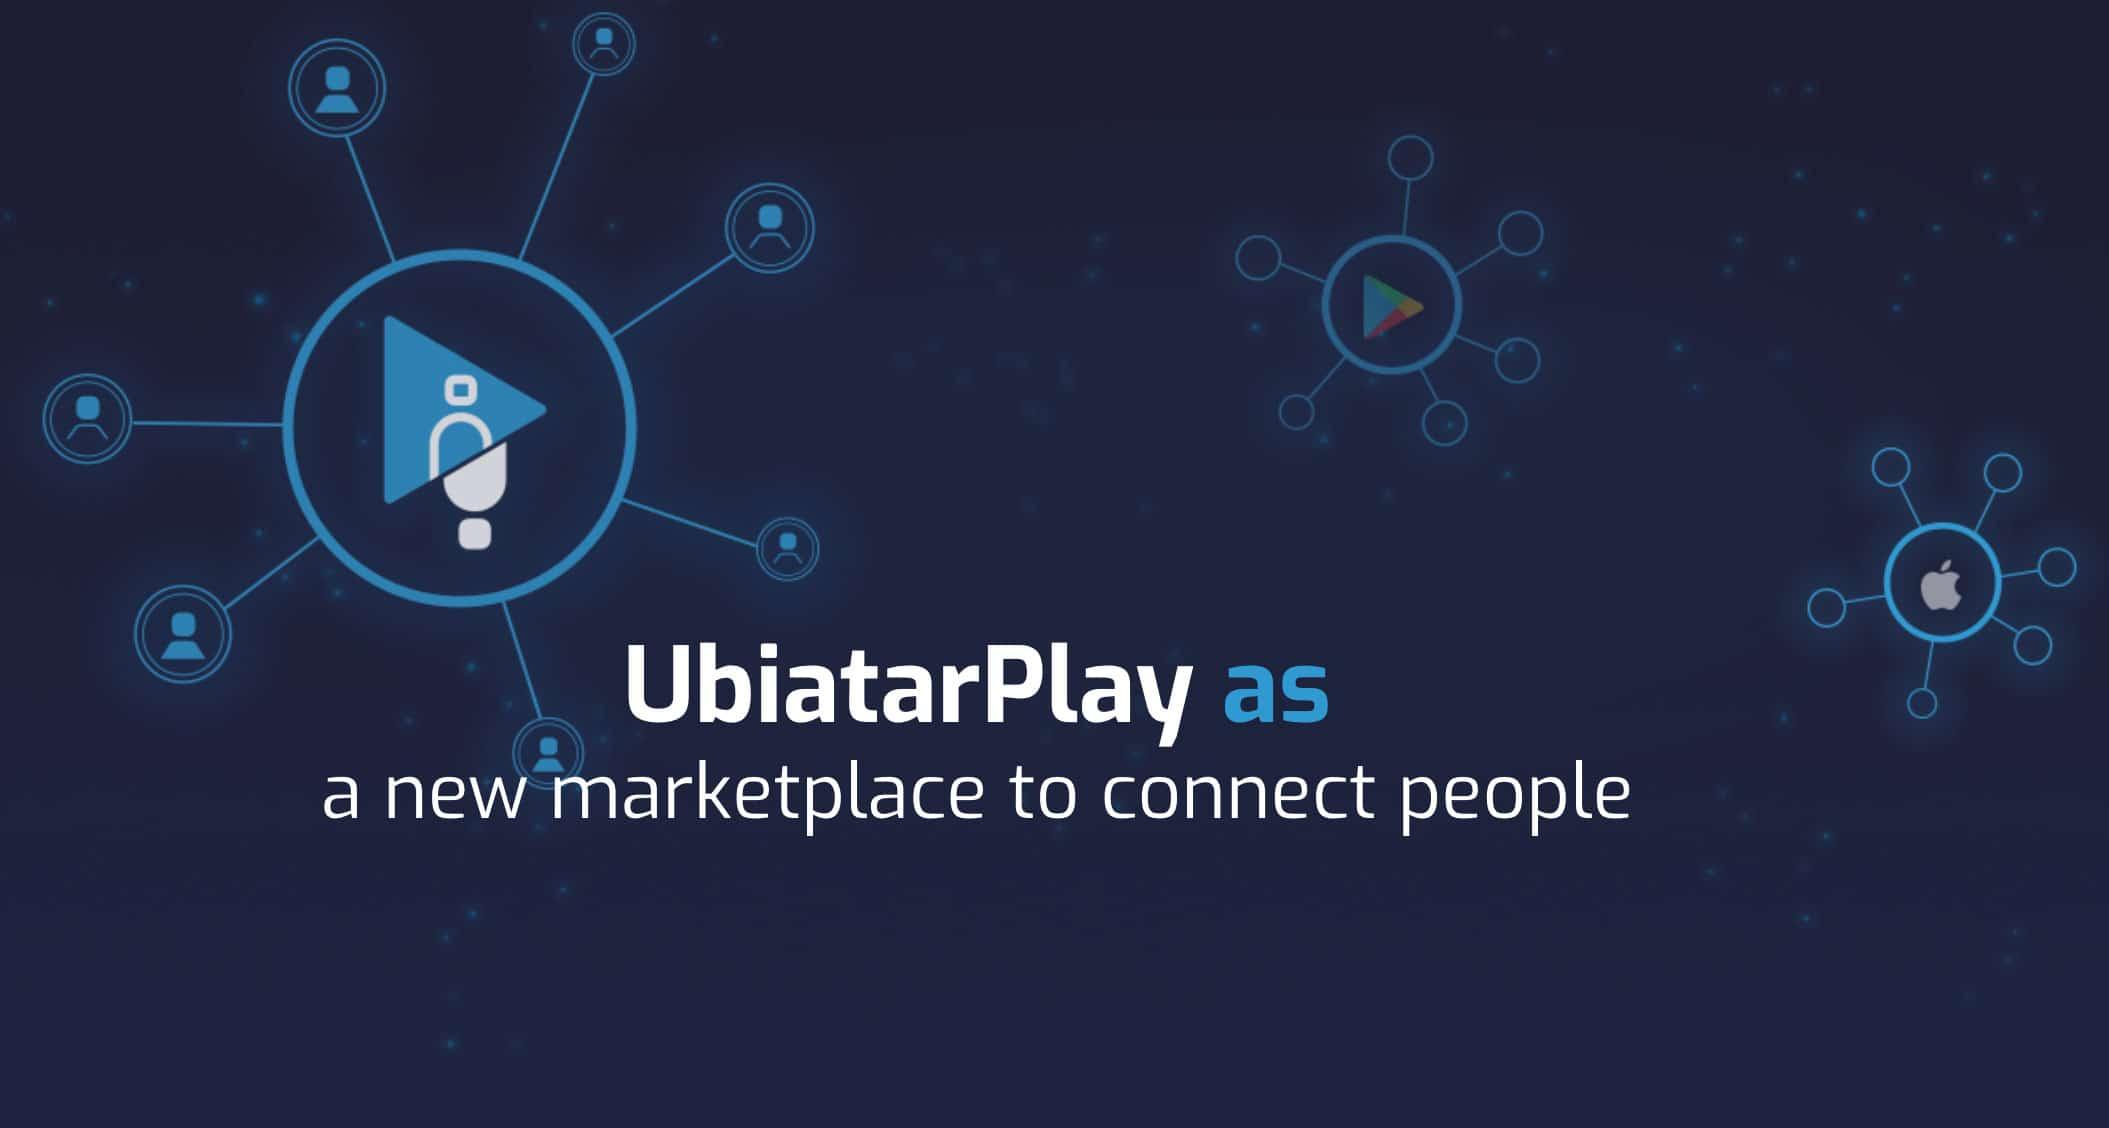 Ubiatar promuove il lavoro a distanza aiutando il prossimo - Ubiatar promuove il lavoro a distanza, aiutando il prossimo!